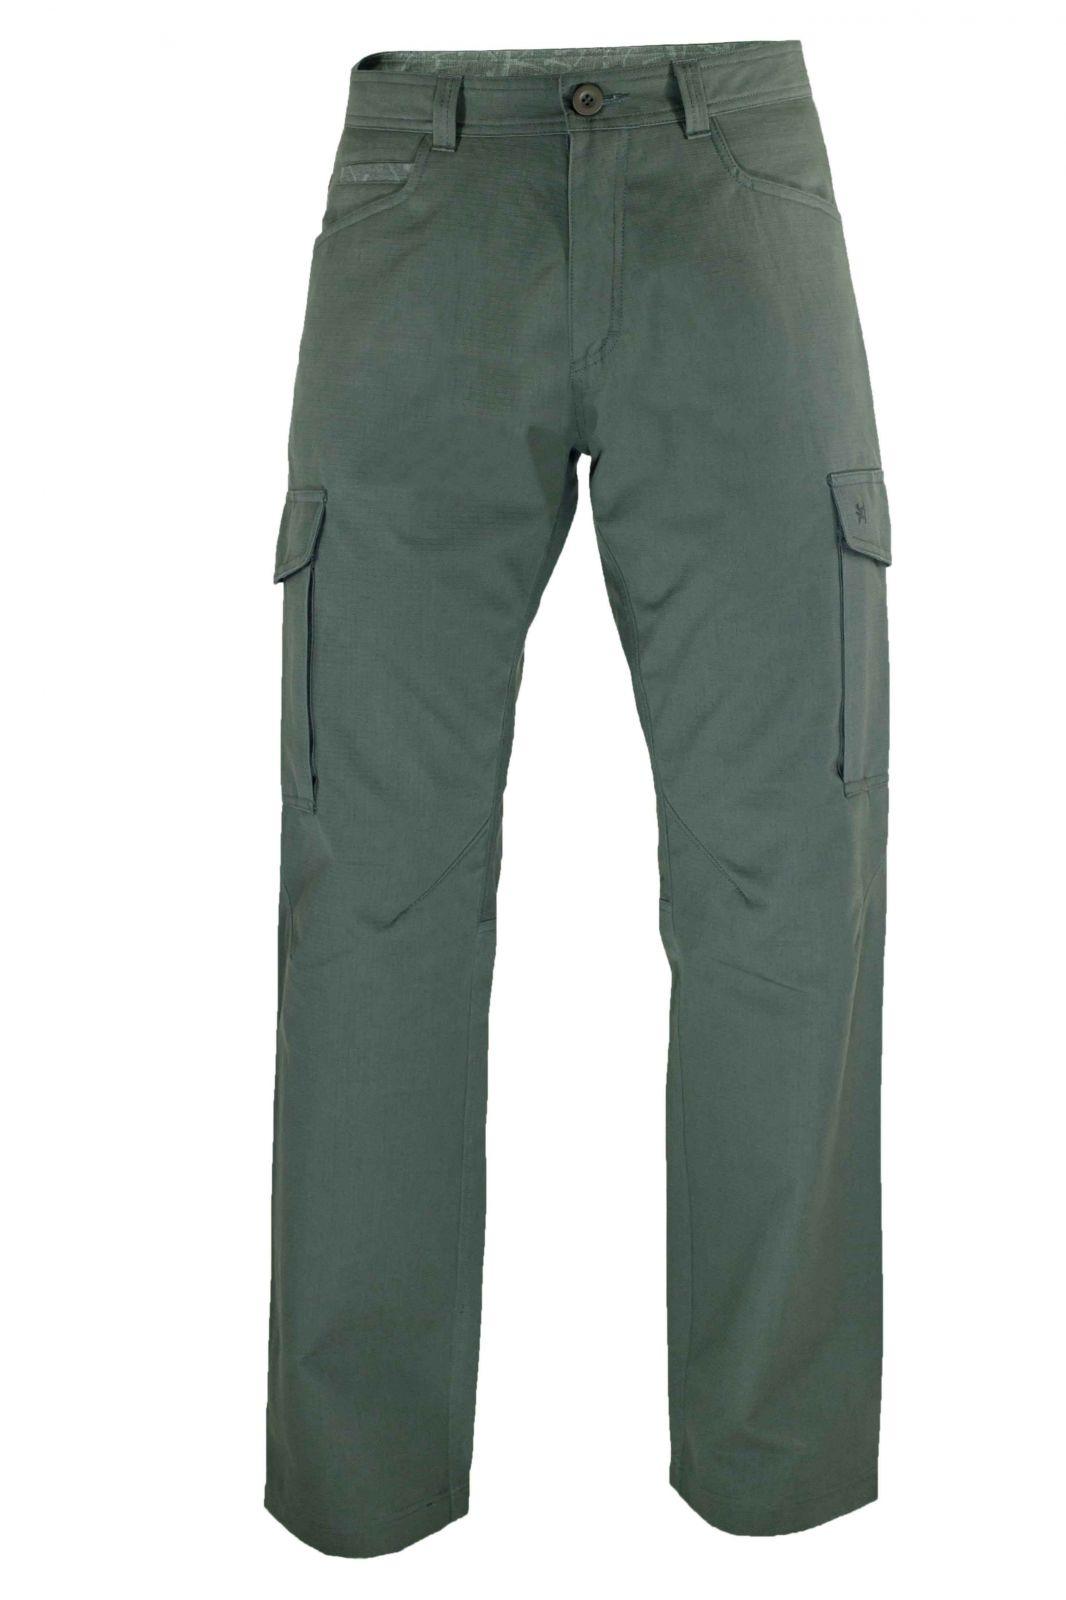 Tazz-Sport - Warmpeace Travers grey pánské kalhoty z vyšší gramáže